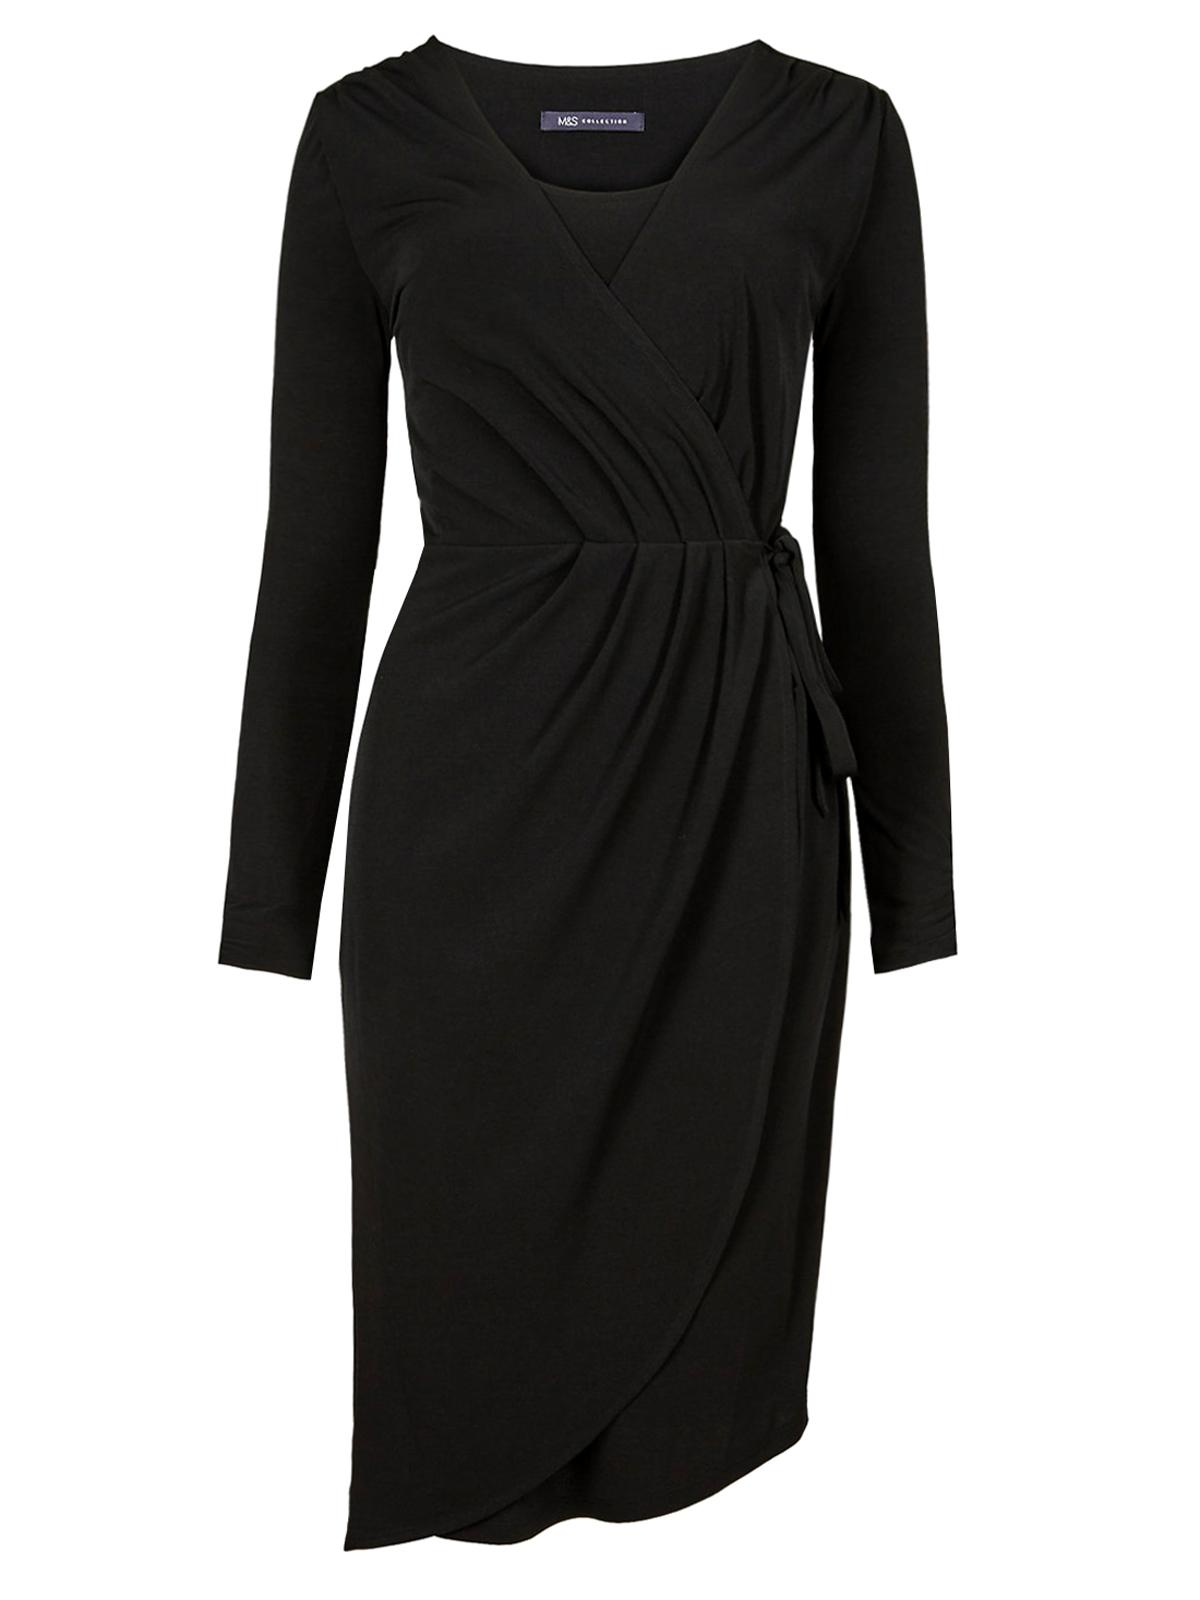 Black Wrap Dress Size 18